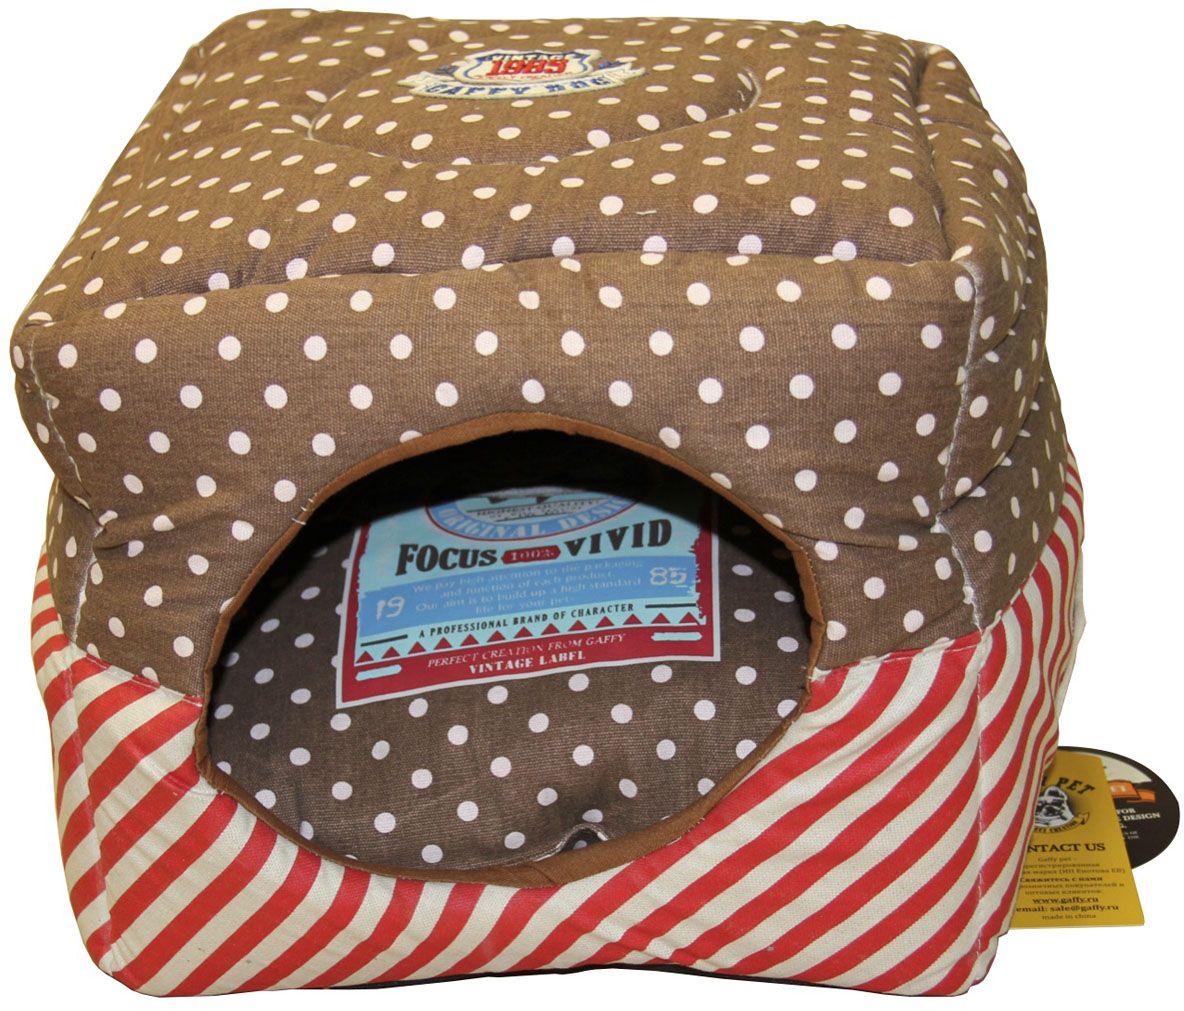 Лежак-трансформер для животных Gaffy Pet Dots Stripes, 35 х 35 х 35 см11034Стильная и практичная лежанка-трансформер 3 в 1. Может быть использована как домик. Можно сложить вдвое и использовать как лежанку. Подушка двусторонняя, ее можно использовать отдельно. Приятные на ощупь материалы, легко моются. Яркая расцветка, подойдет и мальчикам, и девочкам.